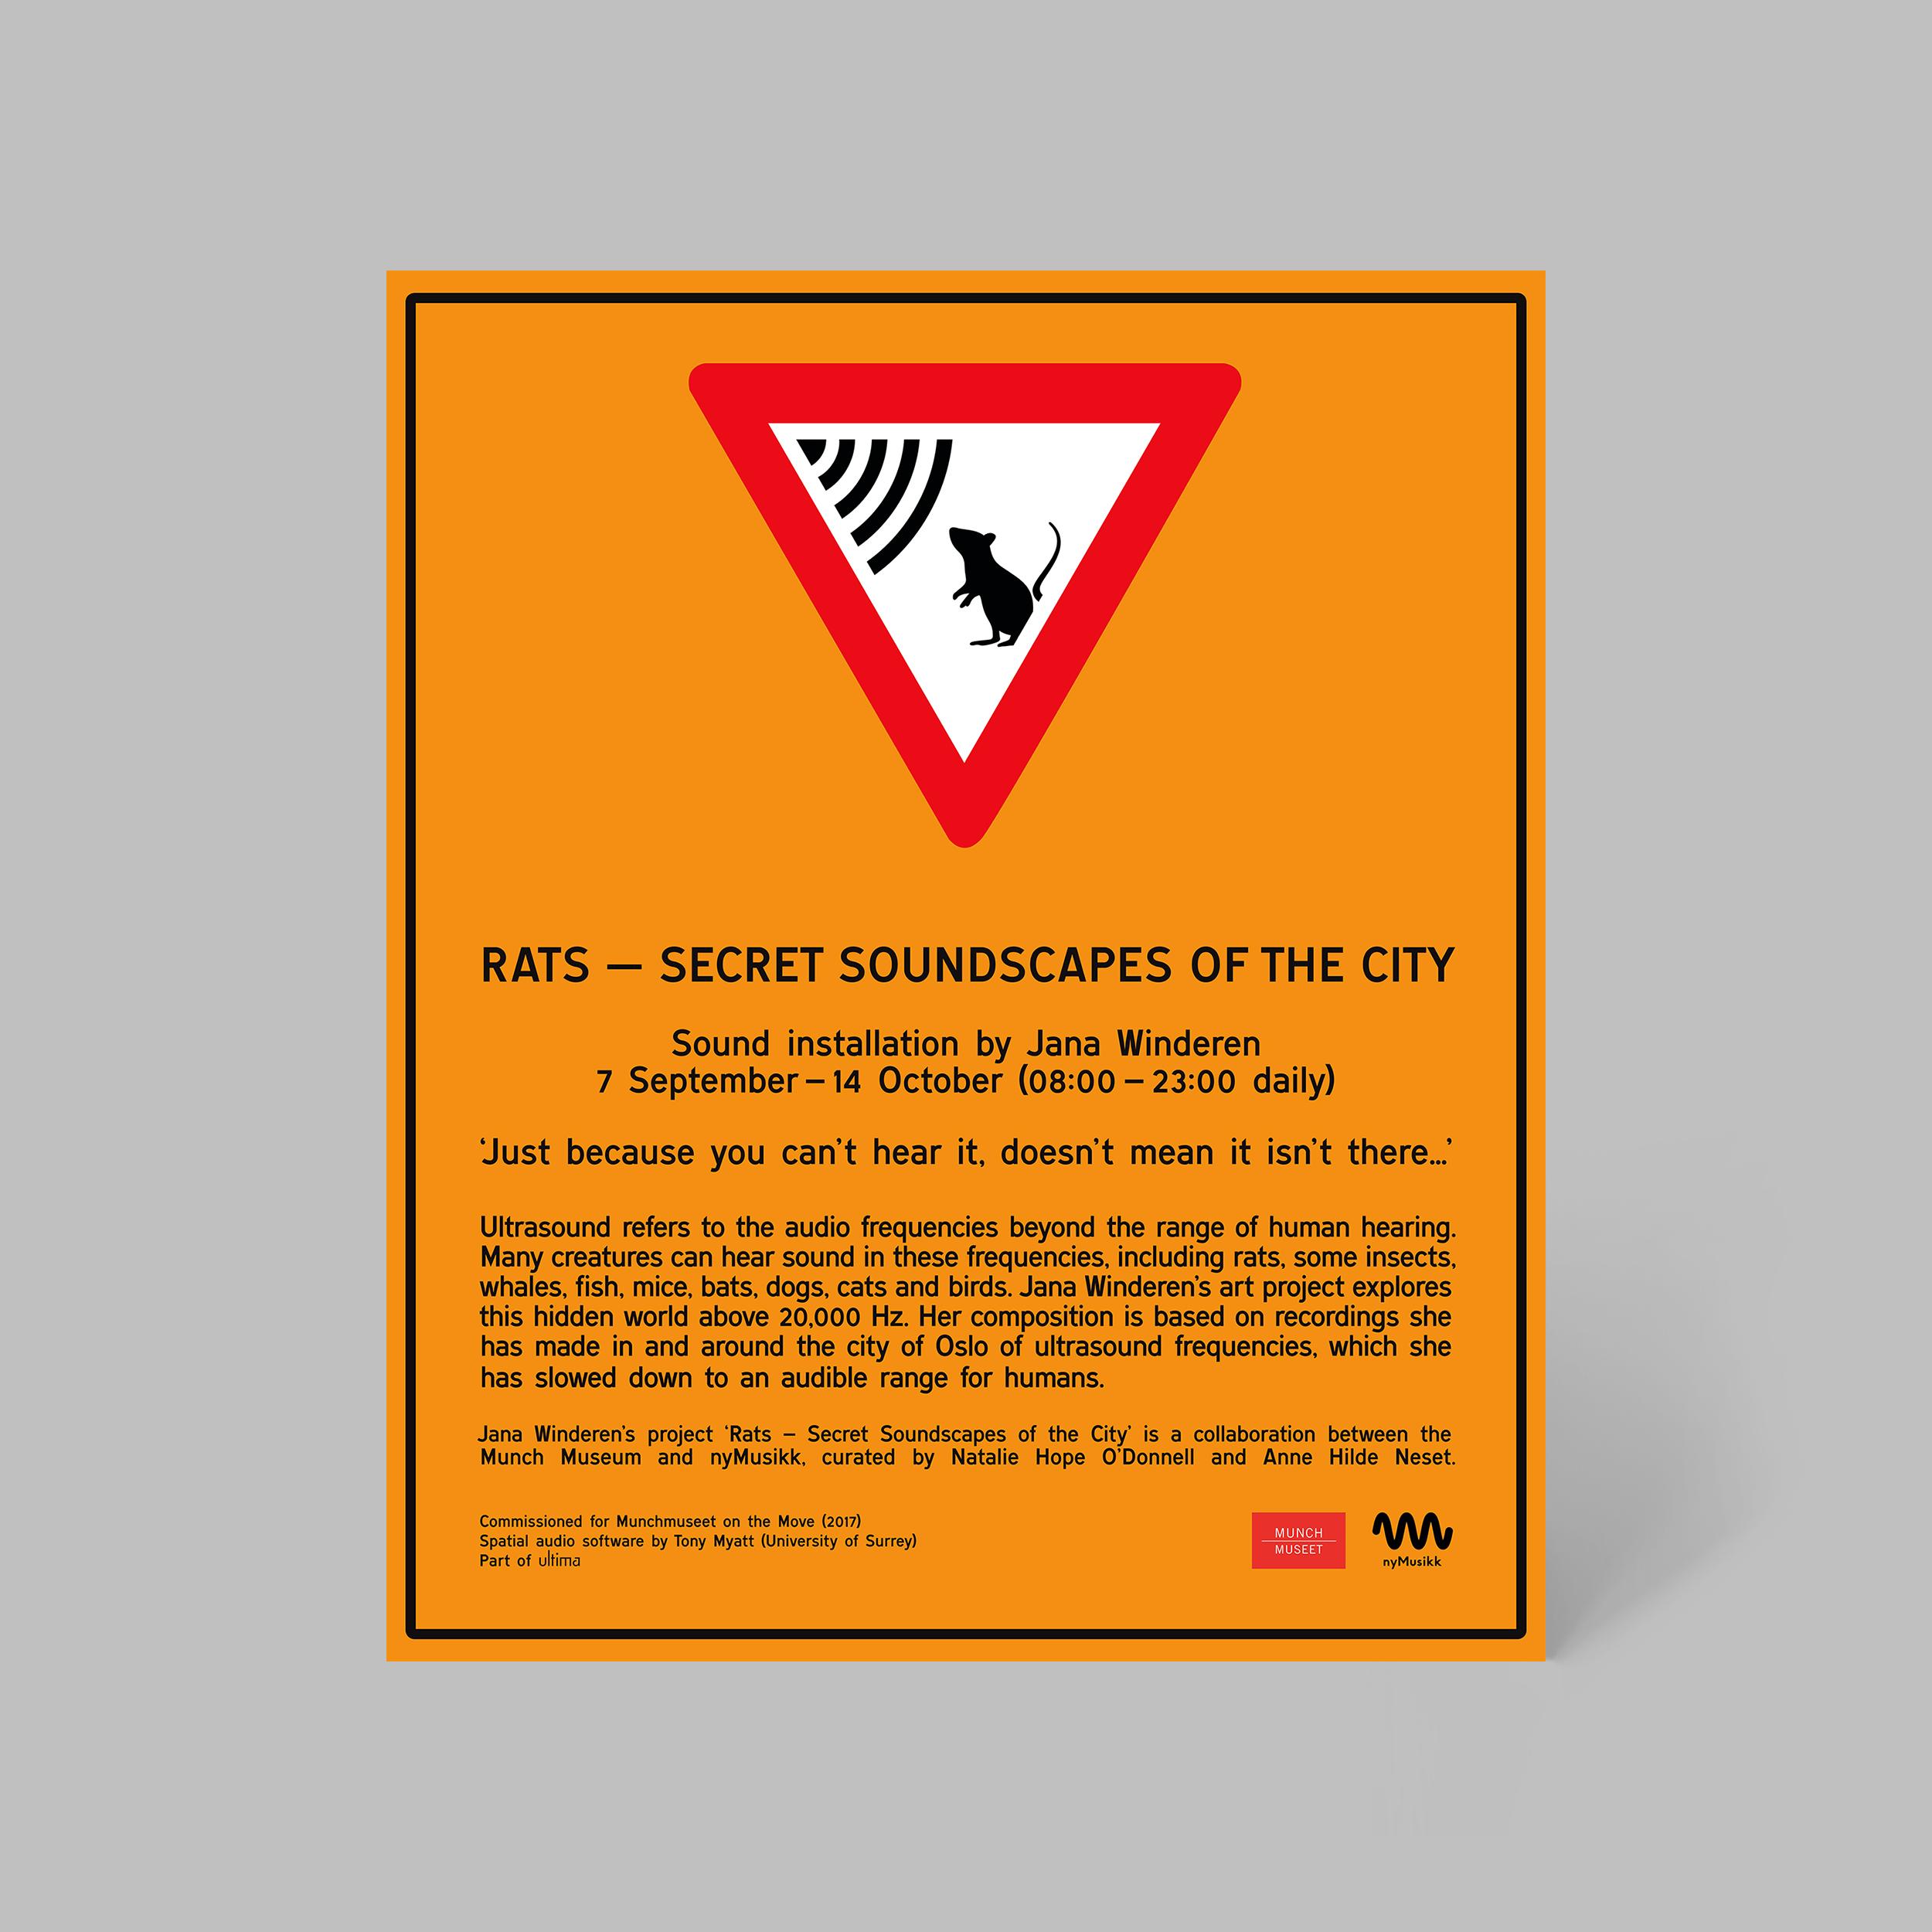 Rats – Secret Soundscapes of the City